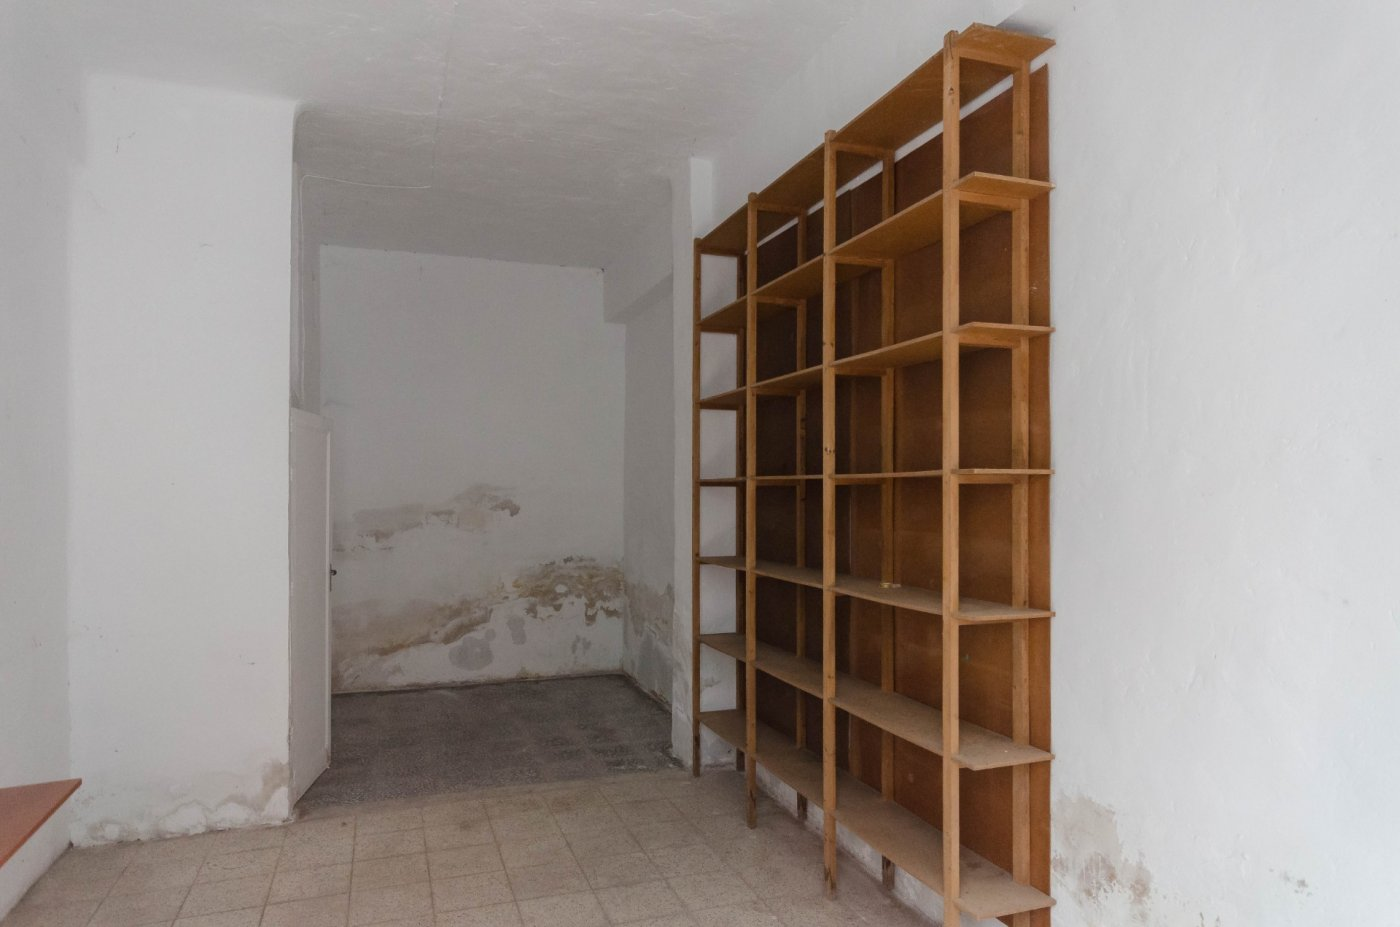 Venta de garaje en murcia - imagenInmueble7